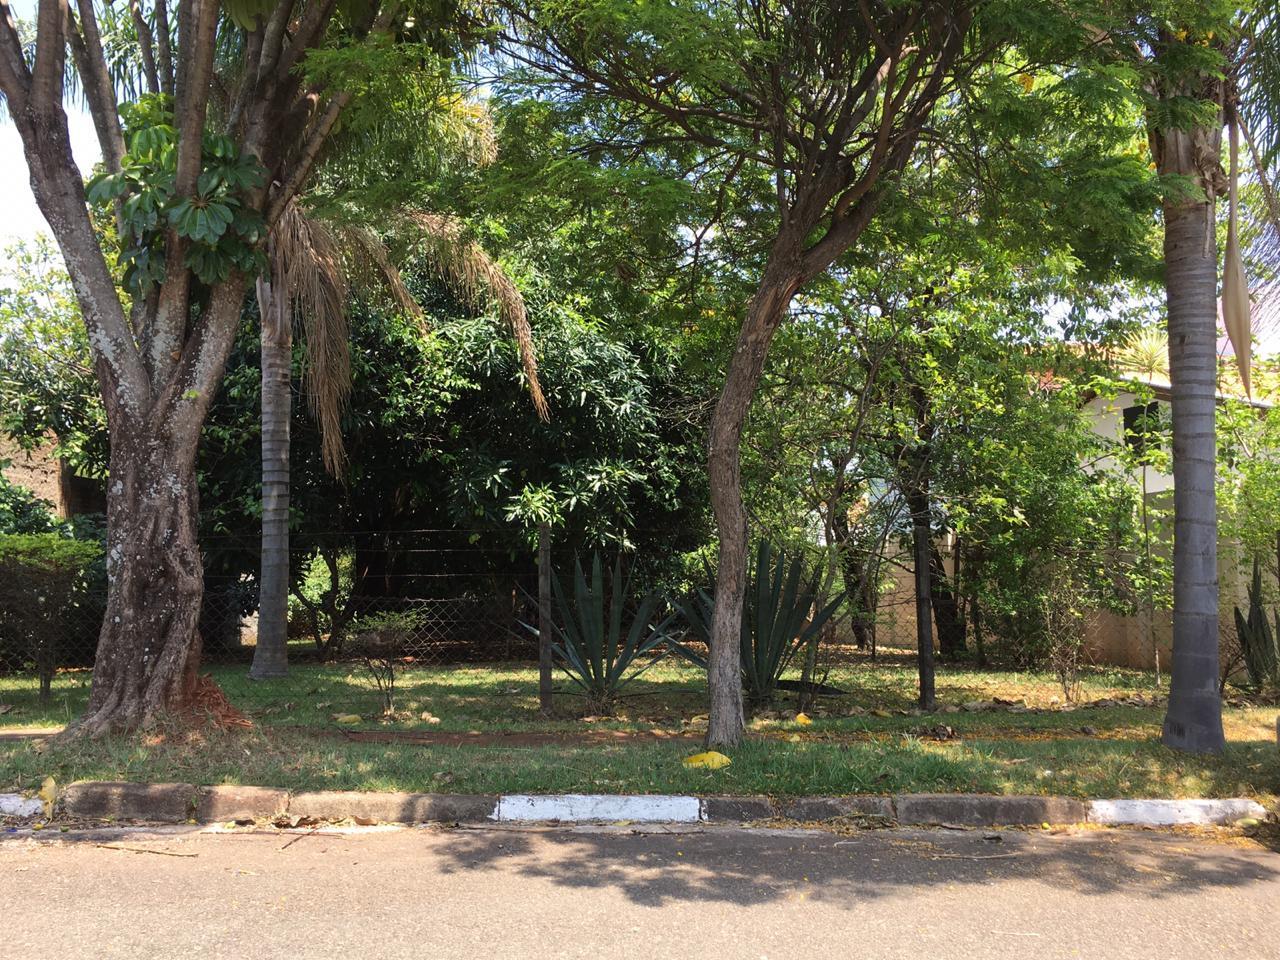 Terreno plano à venda, 16 m de frente, 512 m² por R$ 350.000 - Parque das Universidades - Campinas/SP